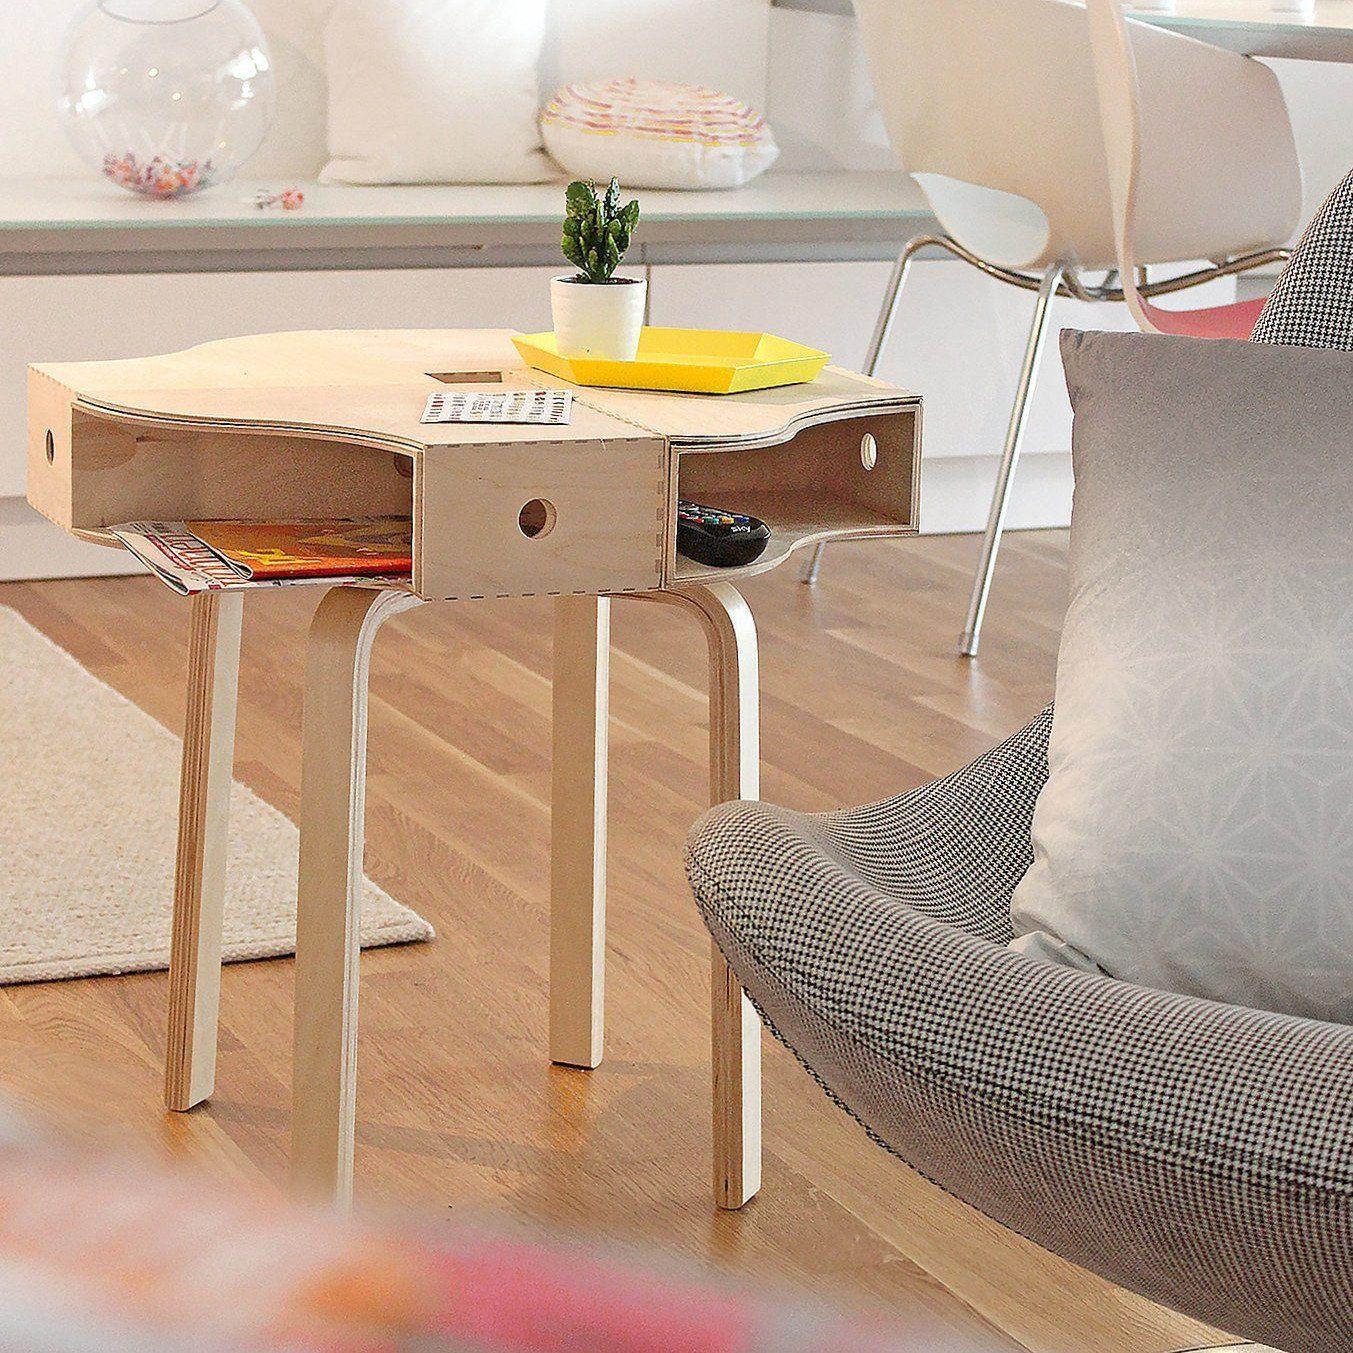 Full Size of Ikea Hacks Aufbewahrung Besten Ideen Fr Aufbewahrungsbox Garten Betten Bei Modulküche Miniküche Küche Kaufen Aufbewahrungsbehälter Mit 160x200 Wohnzimmer Ikea Hacks Aufbewahrung